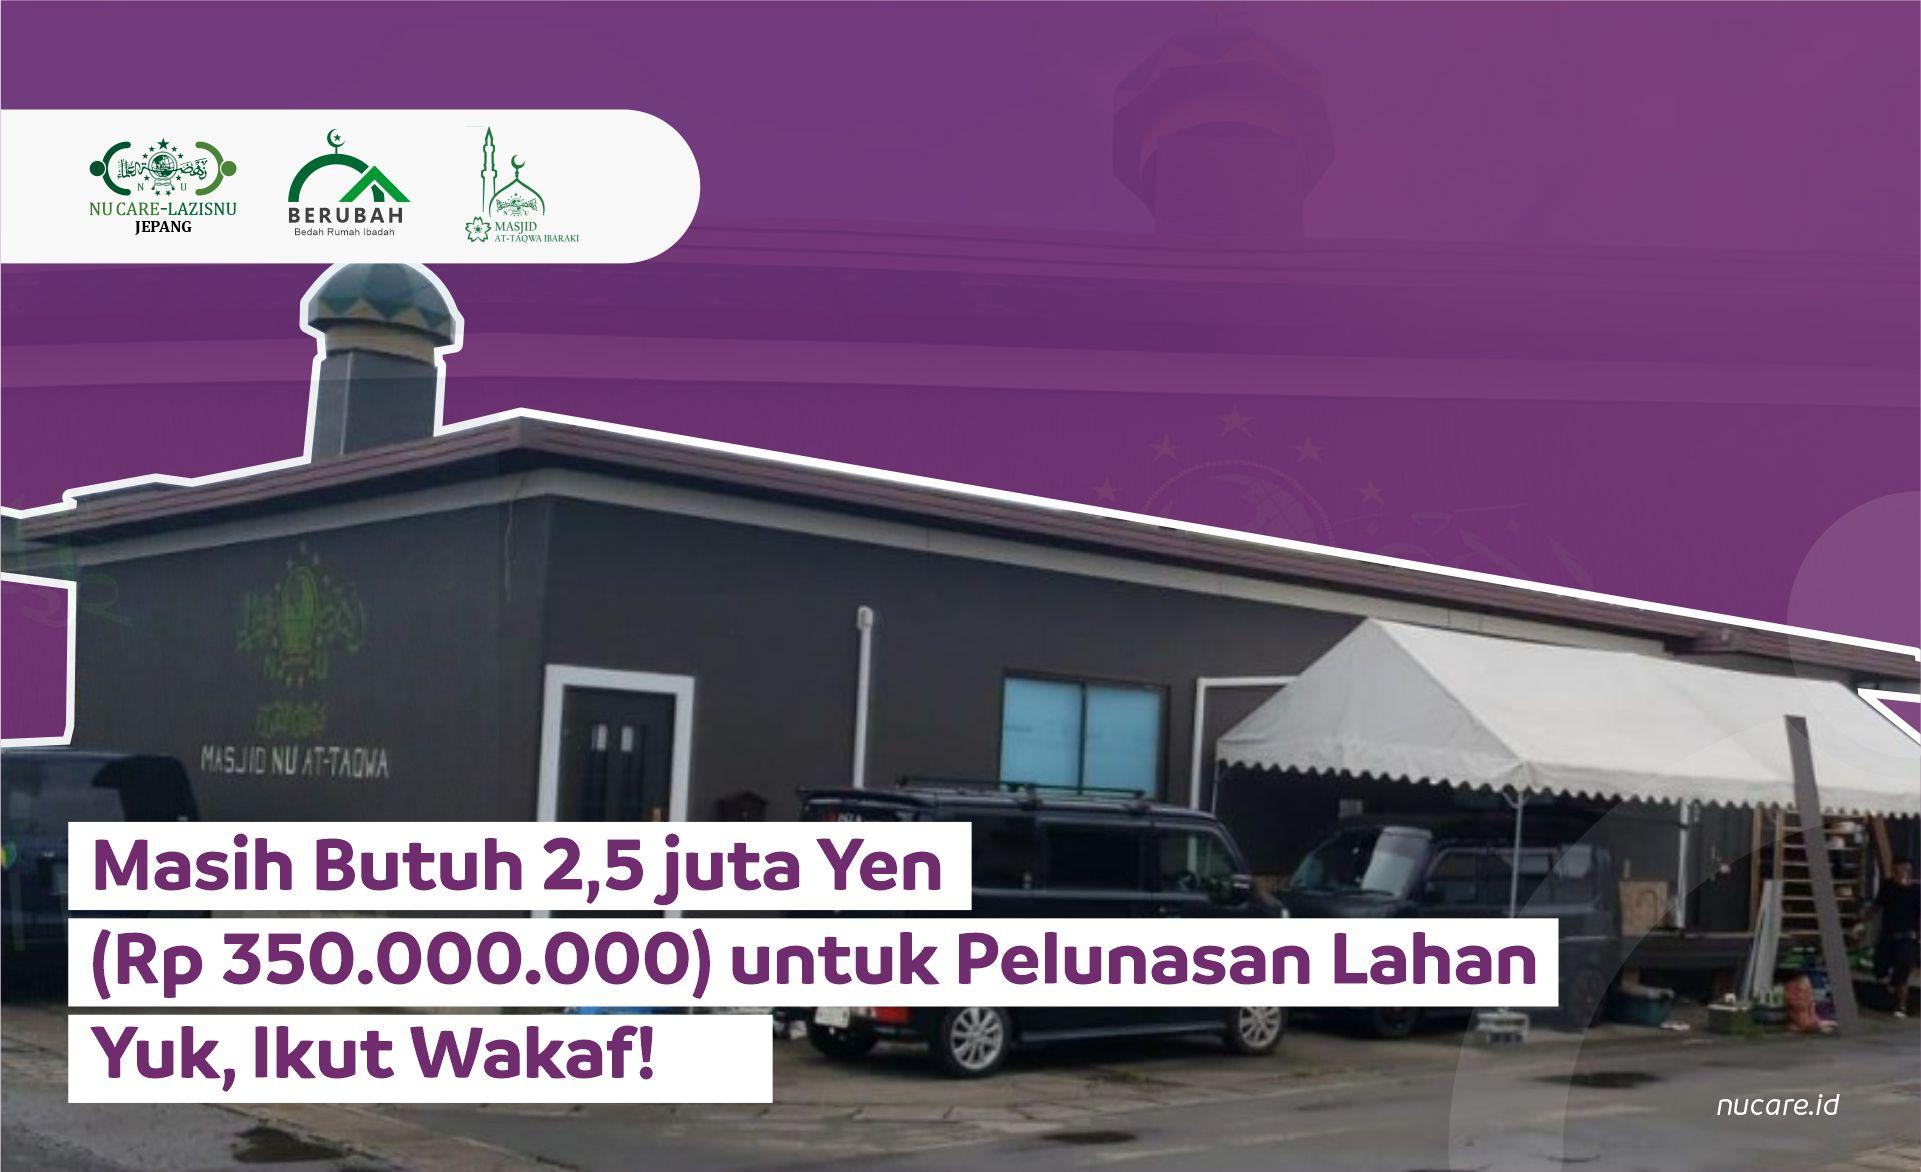 Mari Ikut Wakaf untuk Masjid At-Taqwa Ibaraki Jepang!